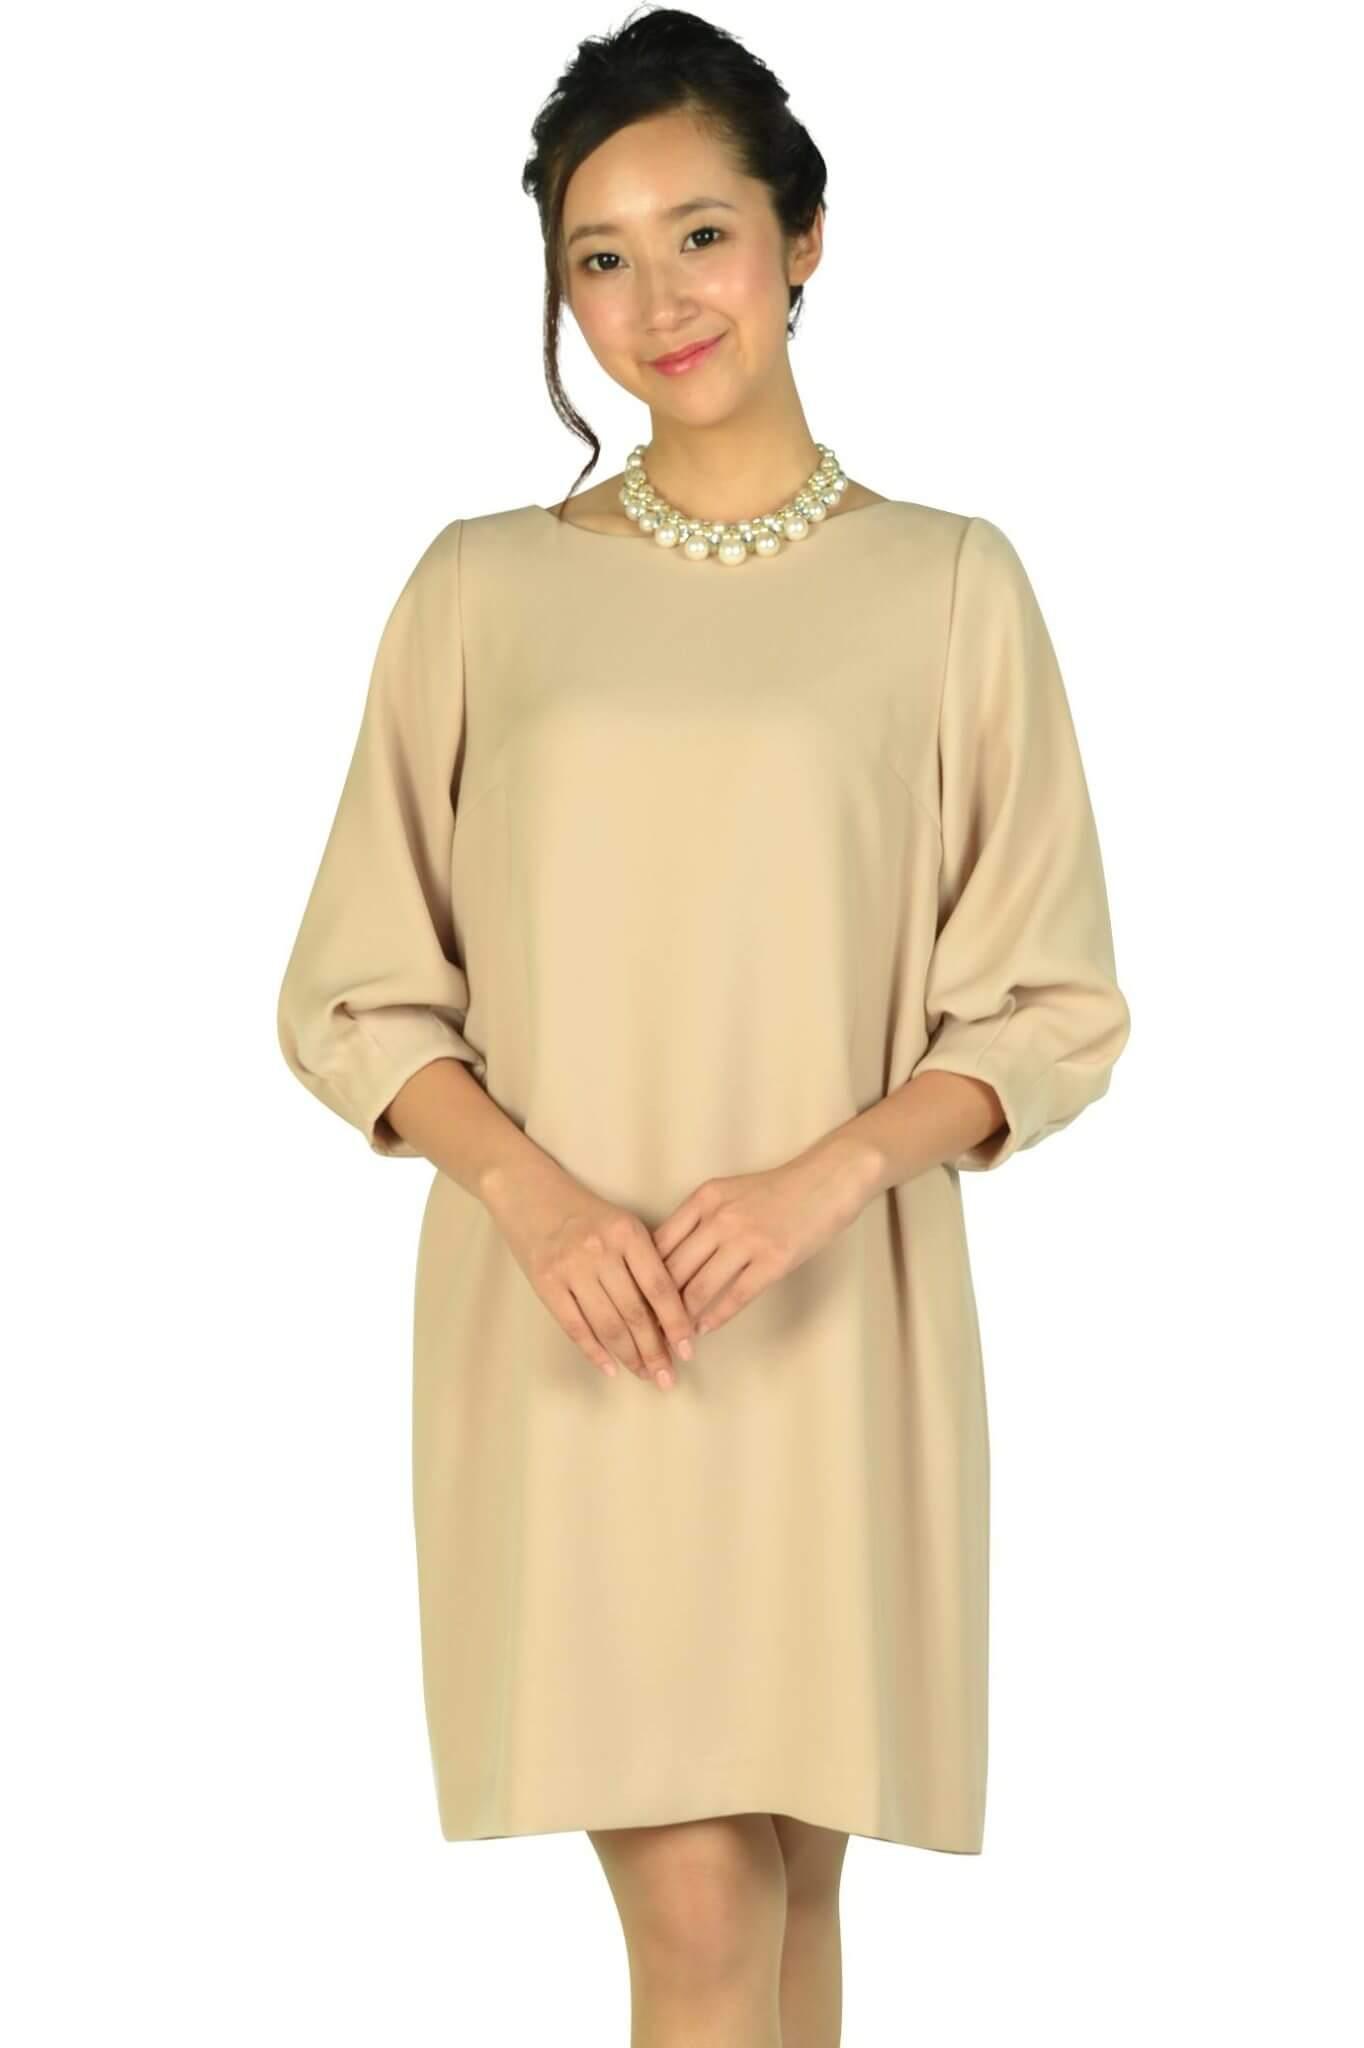 アナトリエ(anatelier)Iライン袖付きピンクベージュドレス